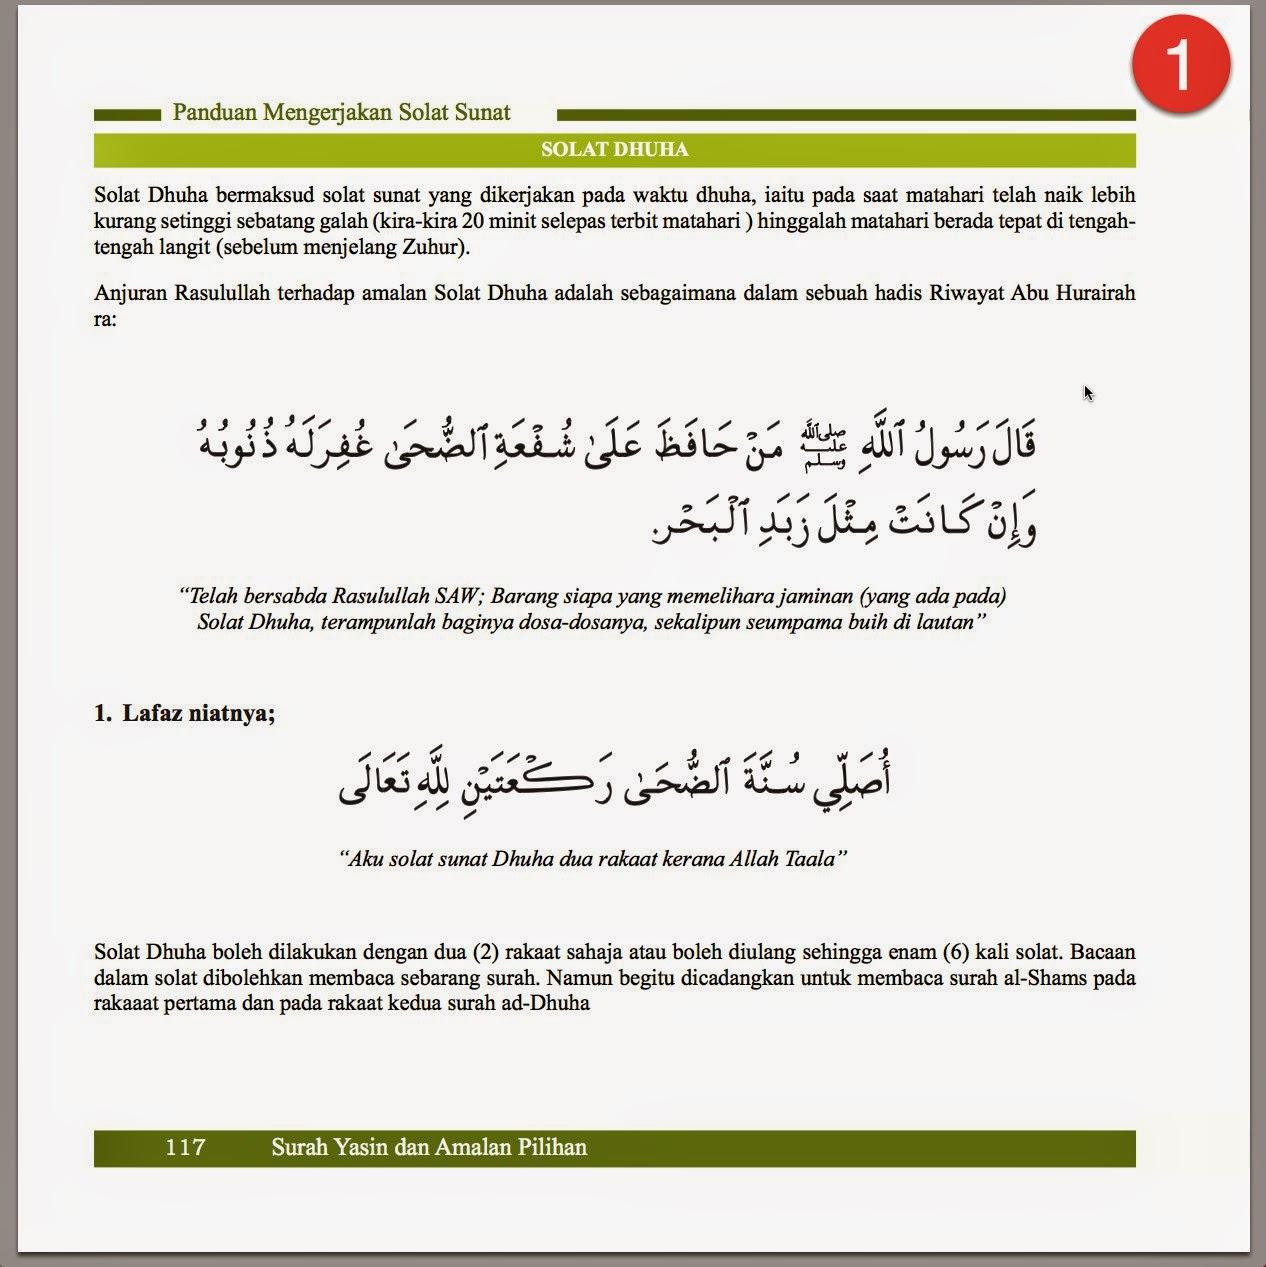 Cara Solat Dhuha Yang Mudah, Ringkas & Betul. Dengan Doa